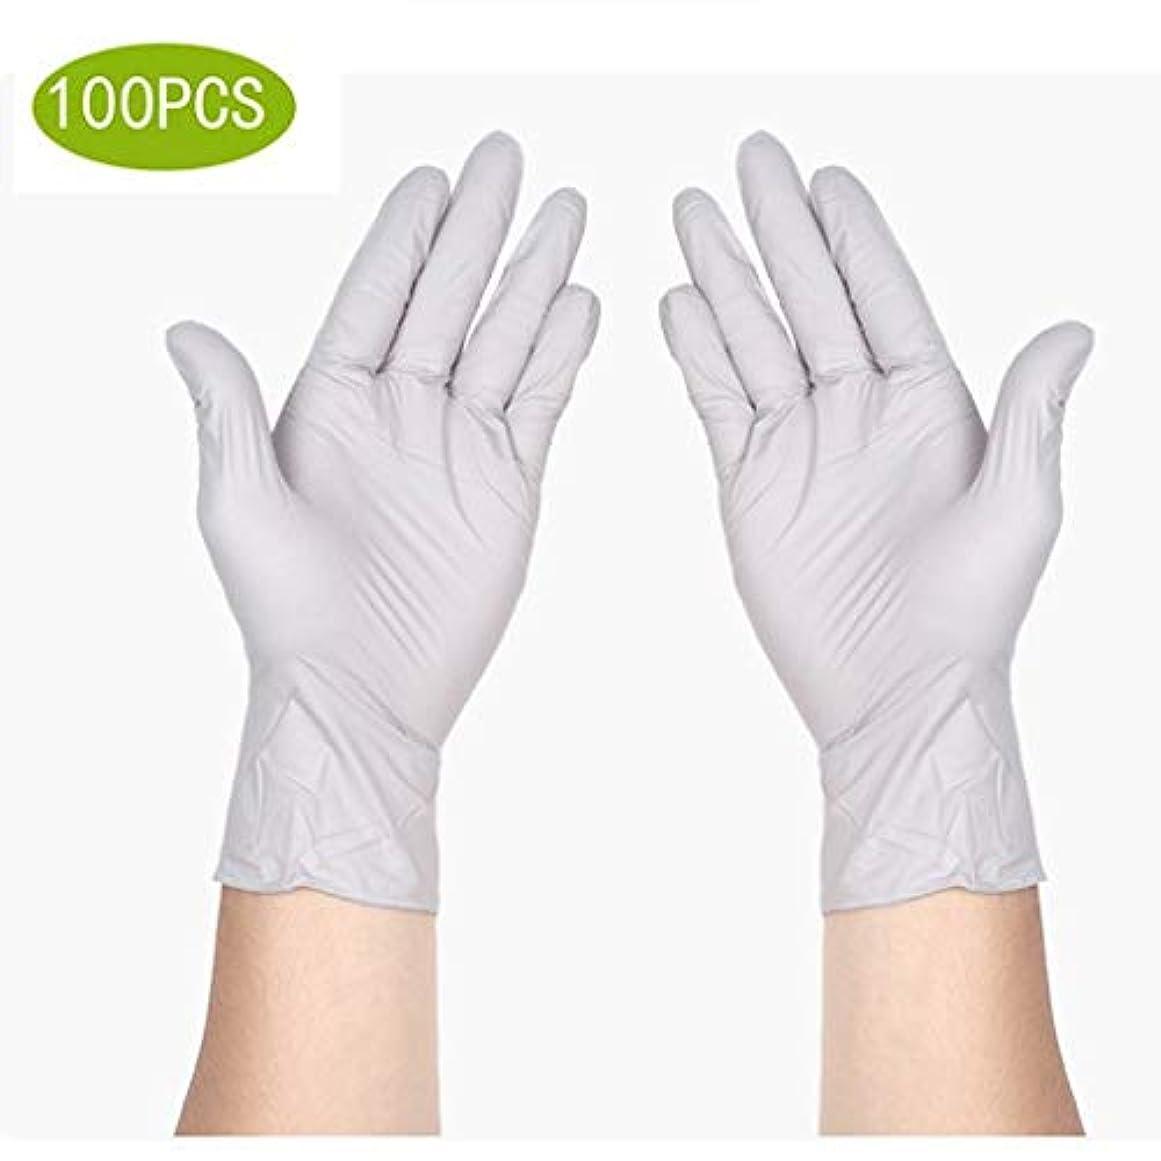 容量特性傾向サニタリー手袋ニトリル医療グレード試験用手袋、使い捨て、ラテックスフリー、100カウント滅菌使い捨て安全手袋 (Size : L)